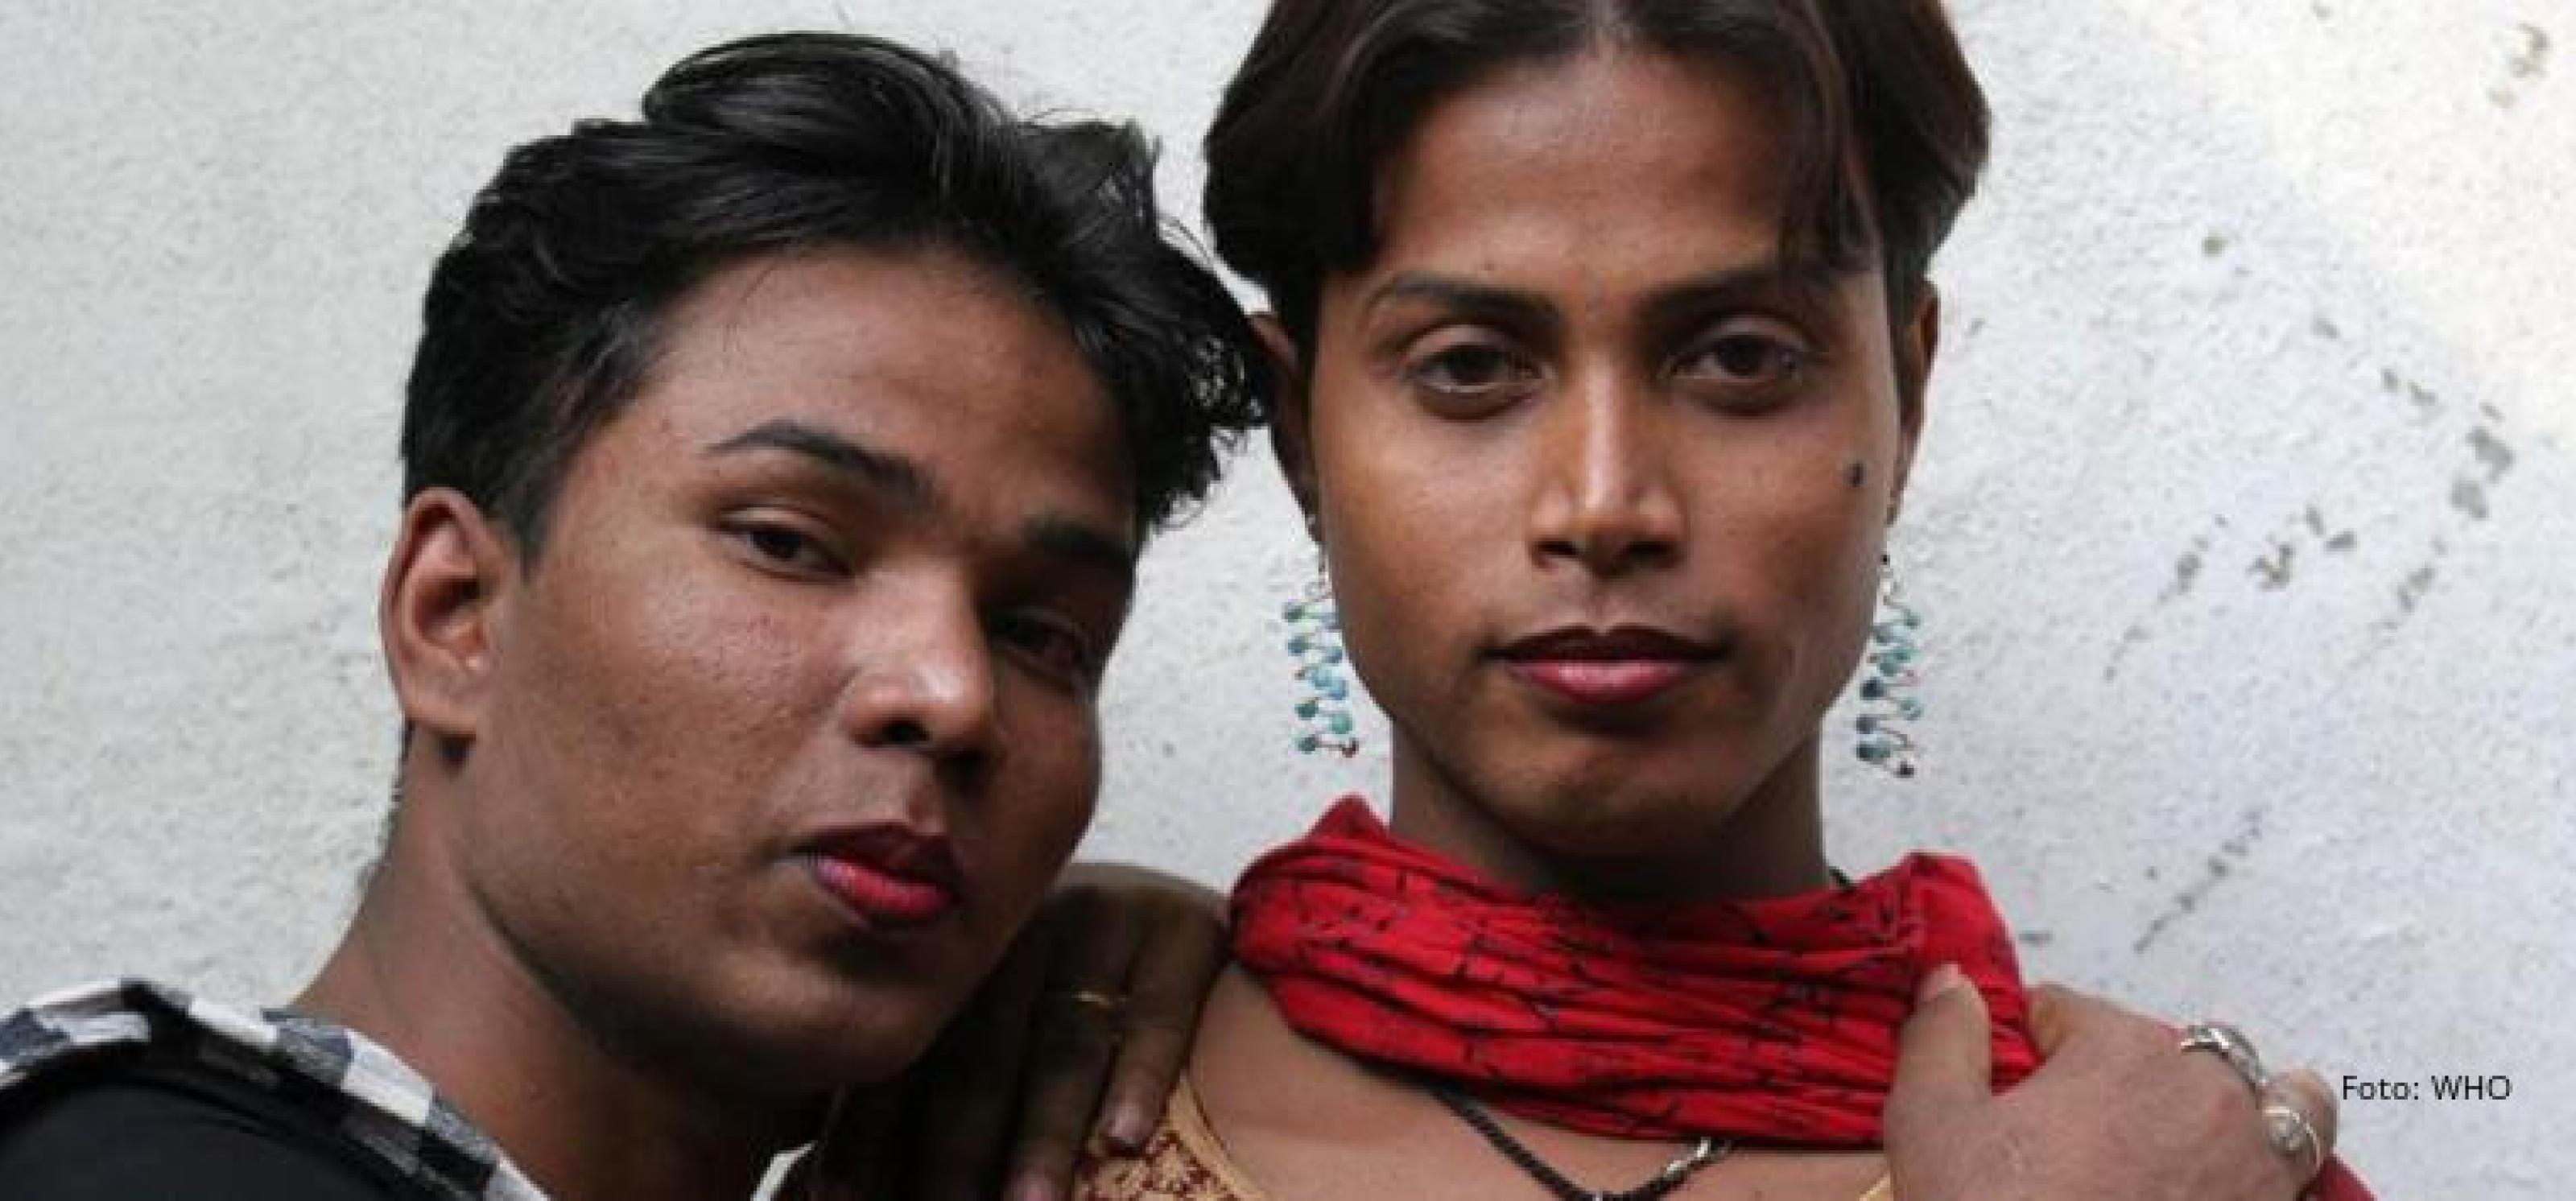 ICD-11 wertet trans* Personen nicht mehr als Menschen mit mentaler oder Verhaltensstörung